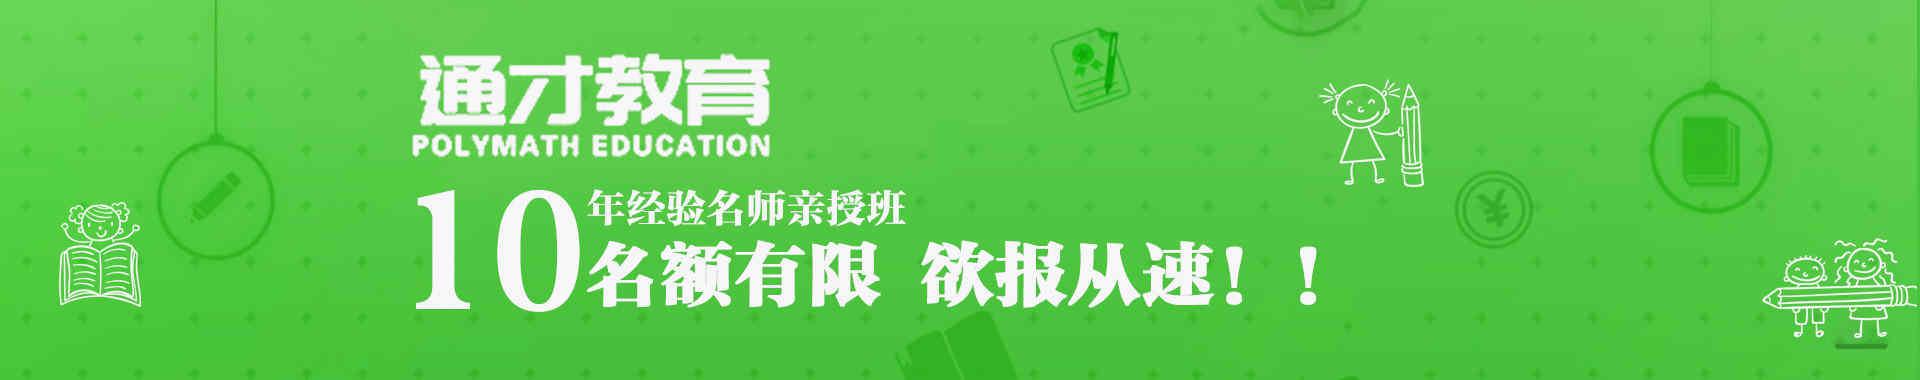 深圳通才教育有限公司